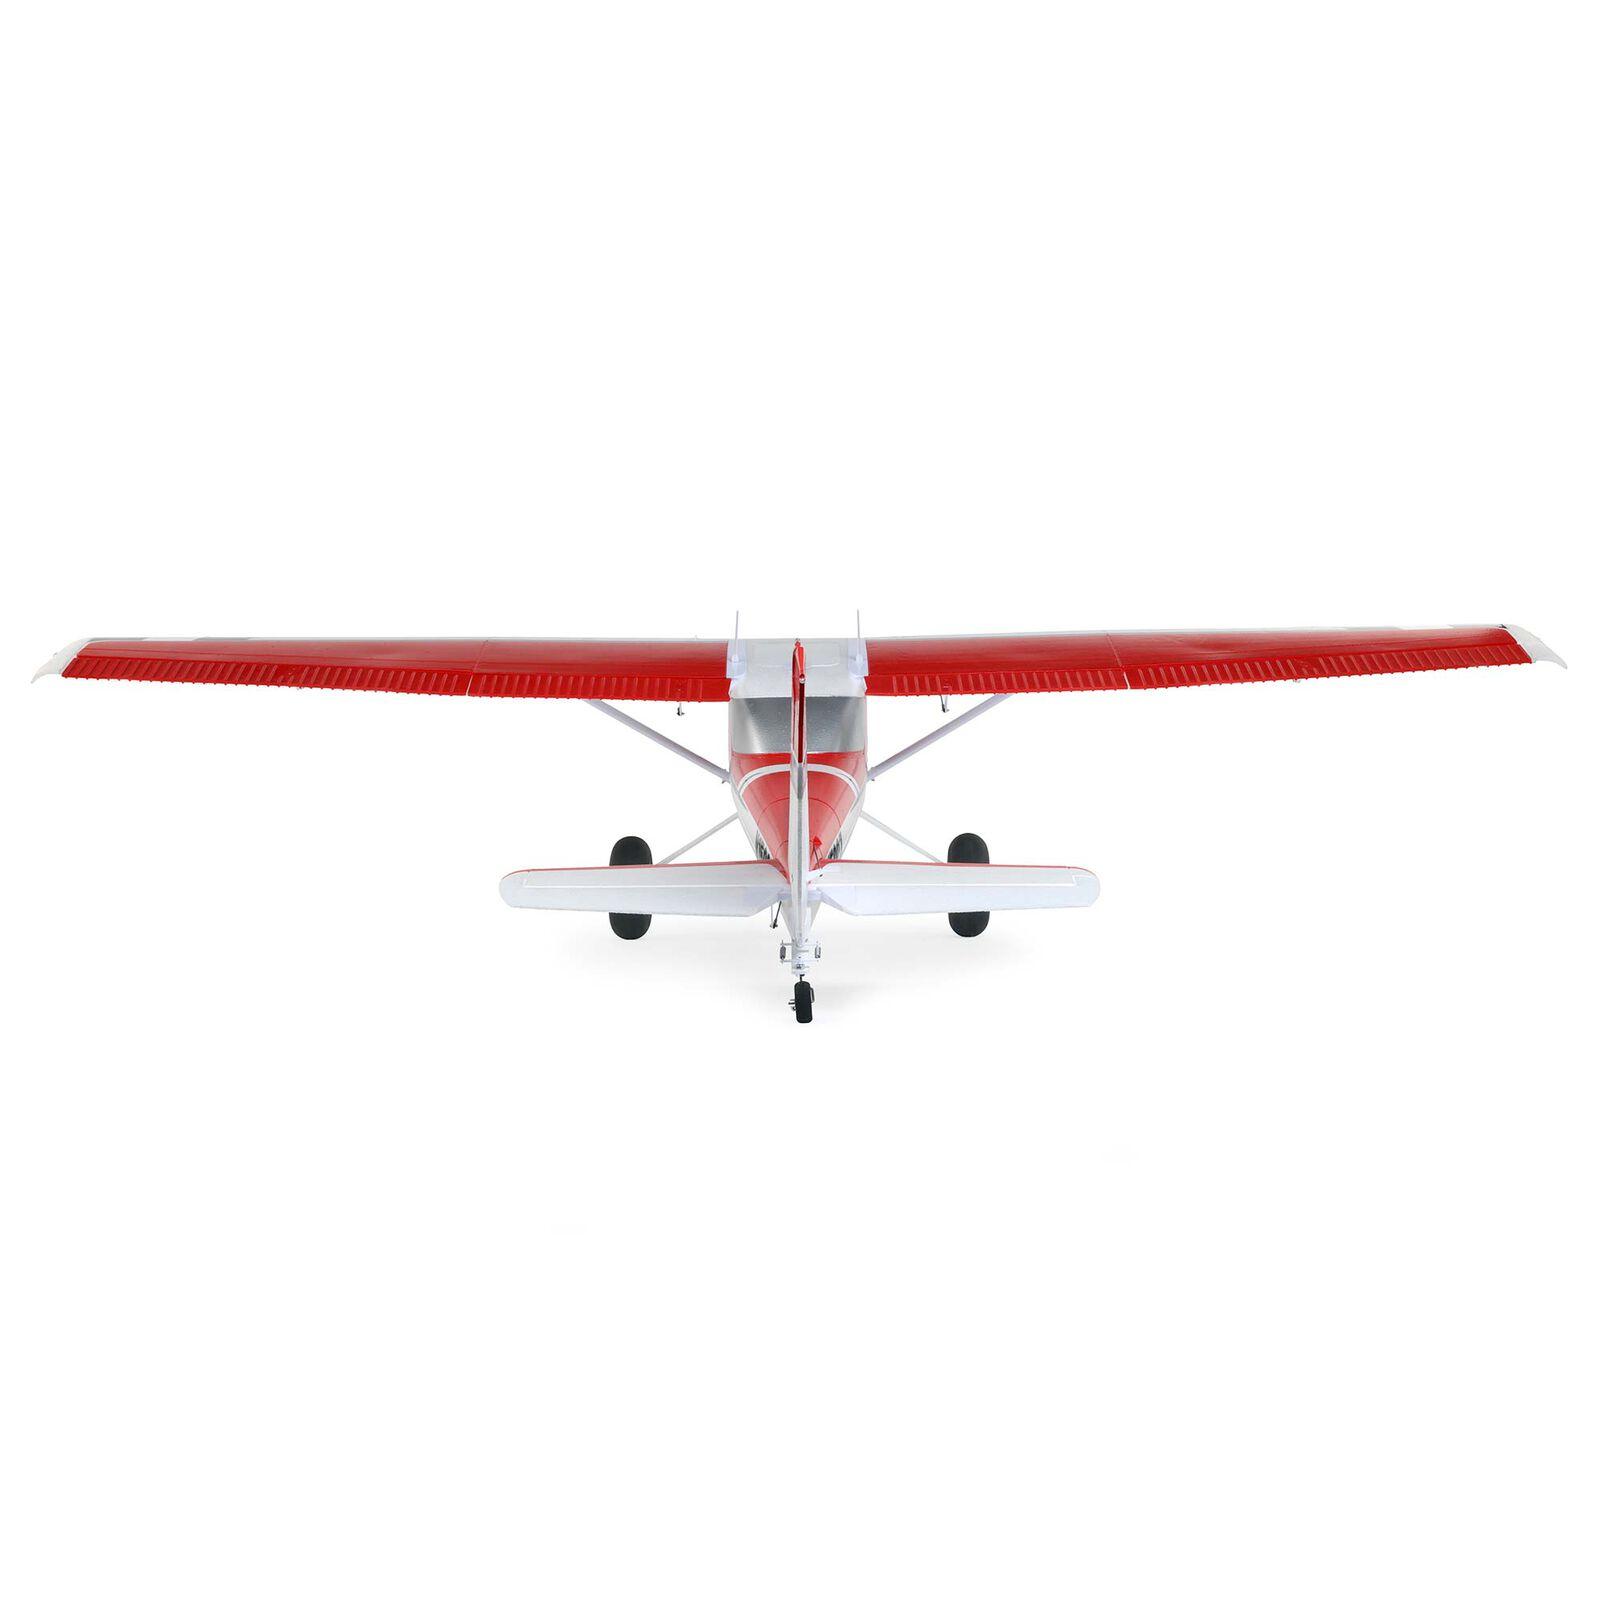 Carbon-Z Cessna 150T E-flite